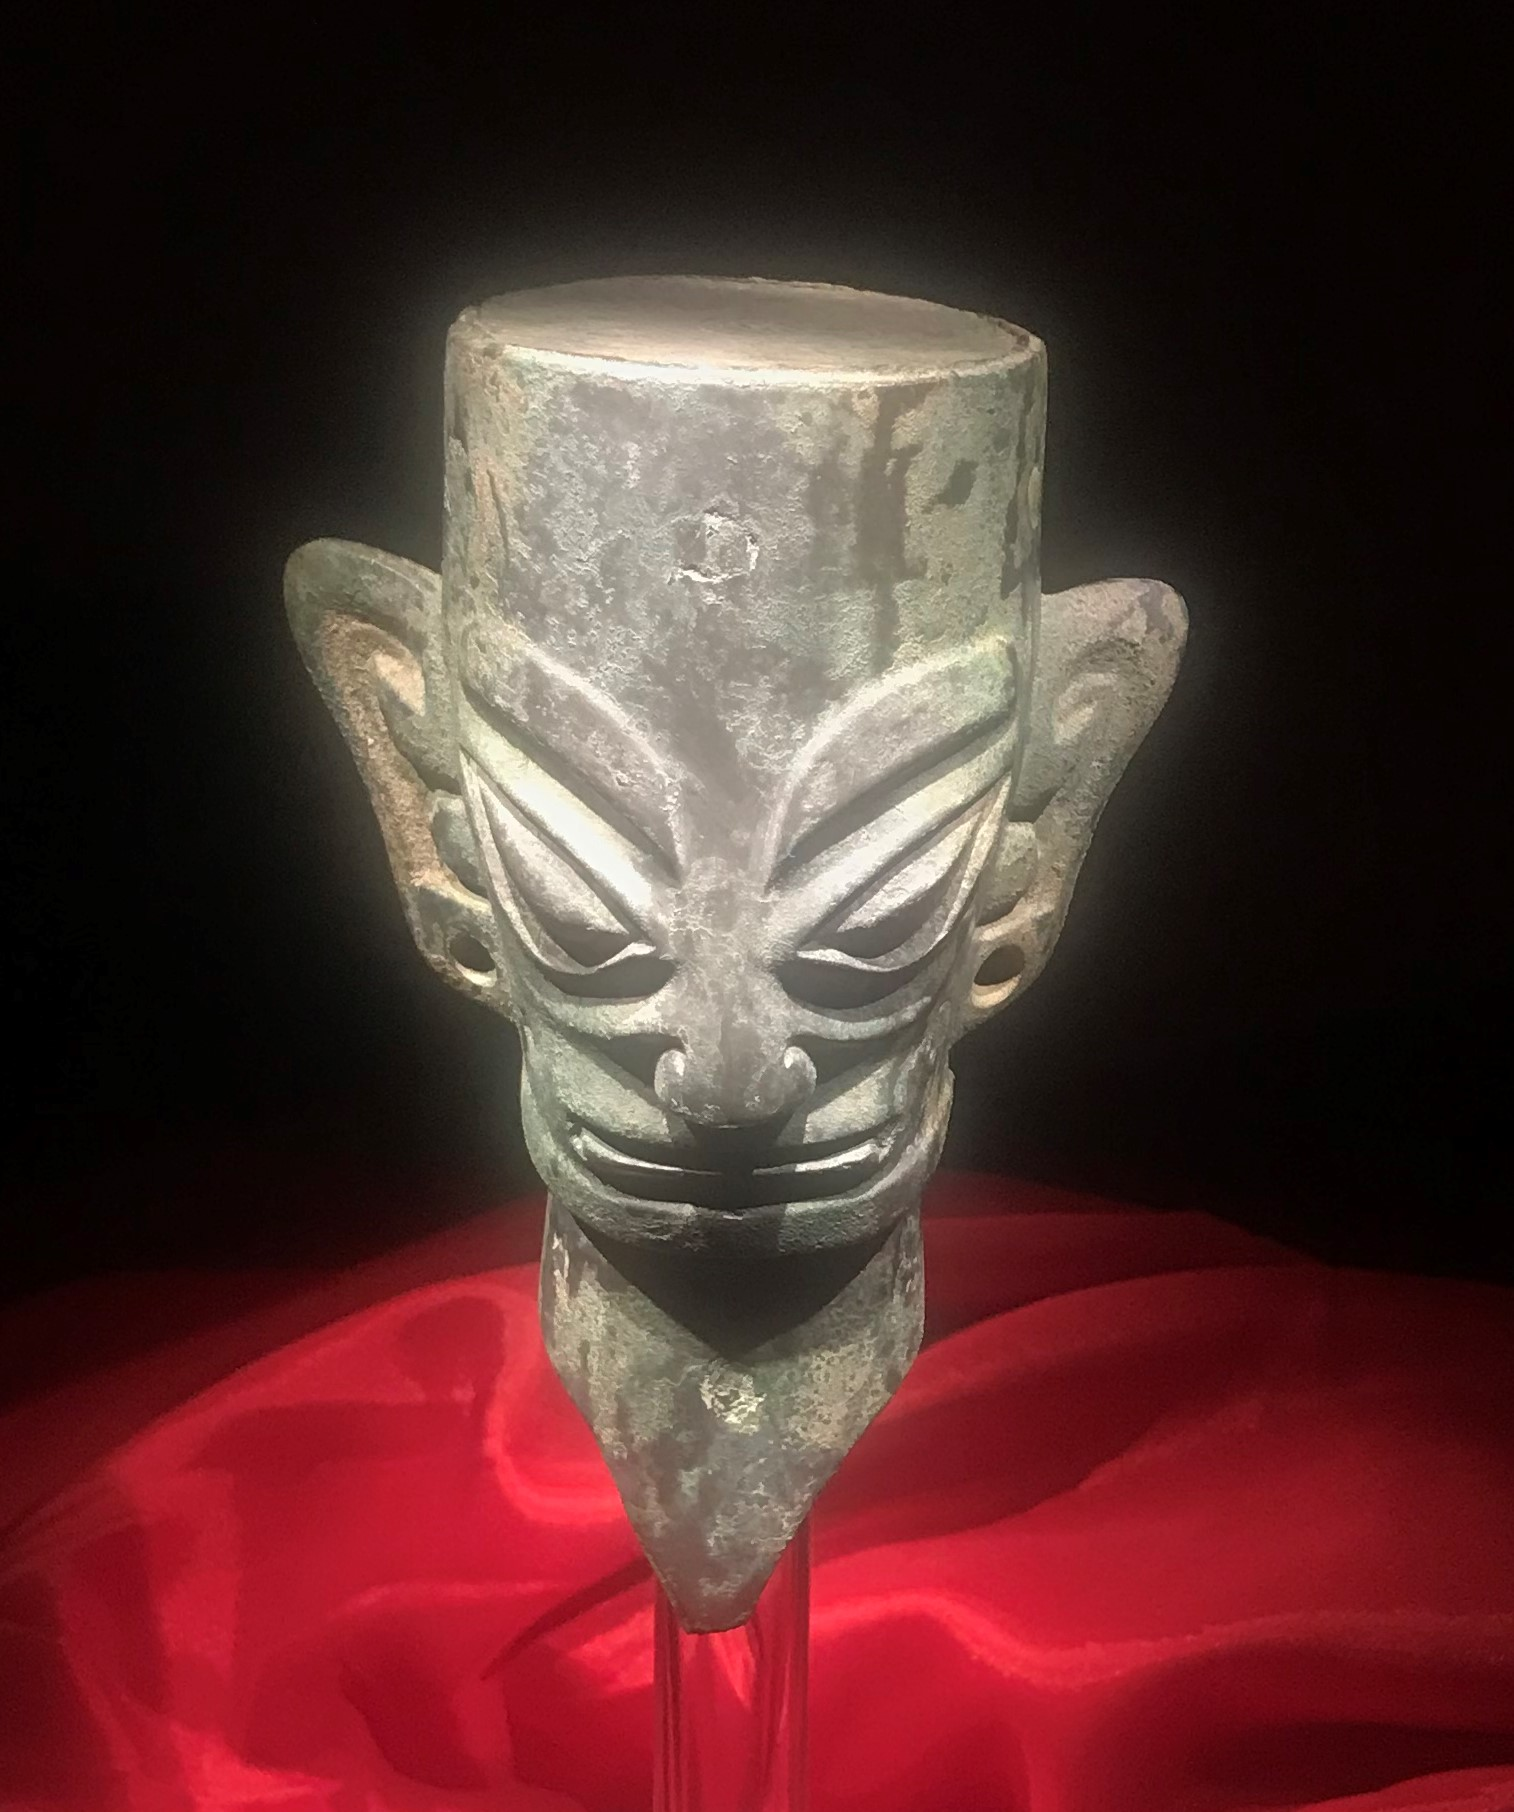 青銅人頭像7-青銅器館-三星堆博物館-広漢市-徳陽市-四川省